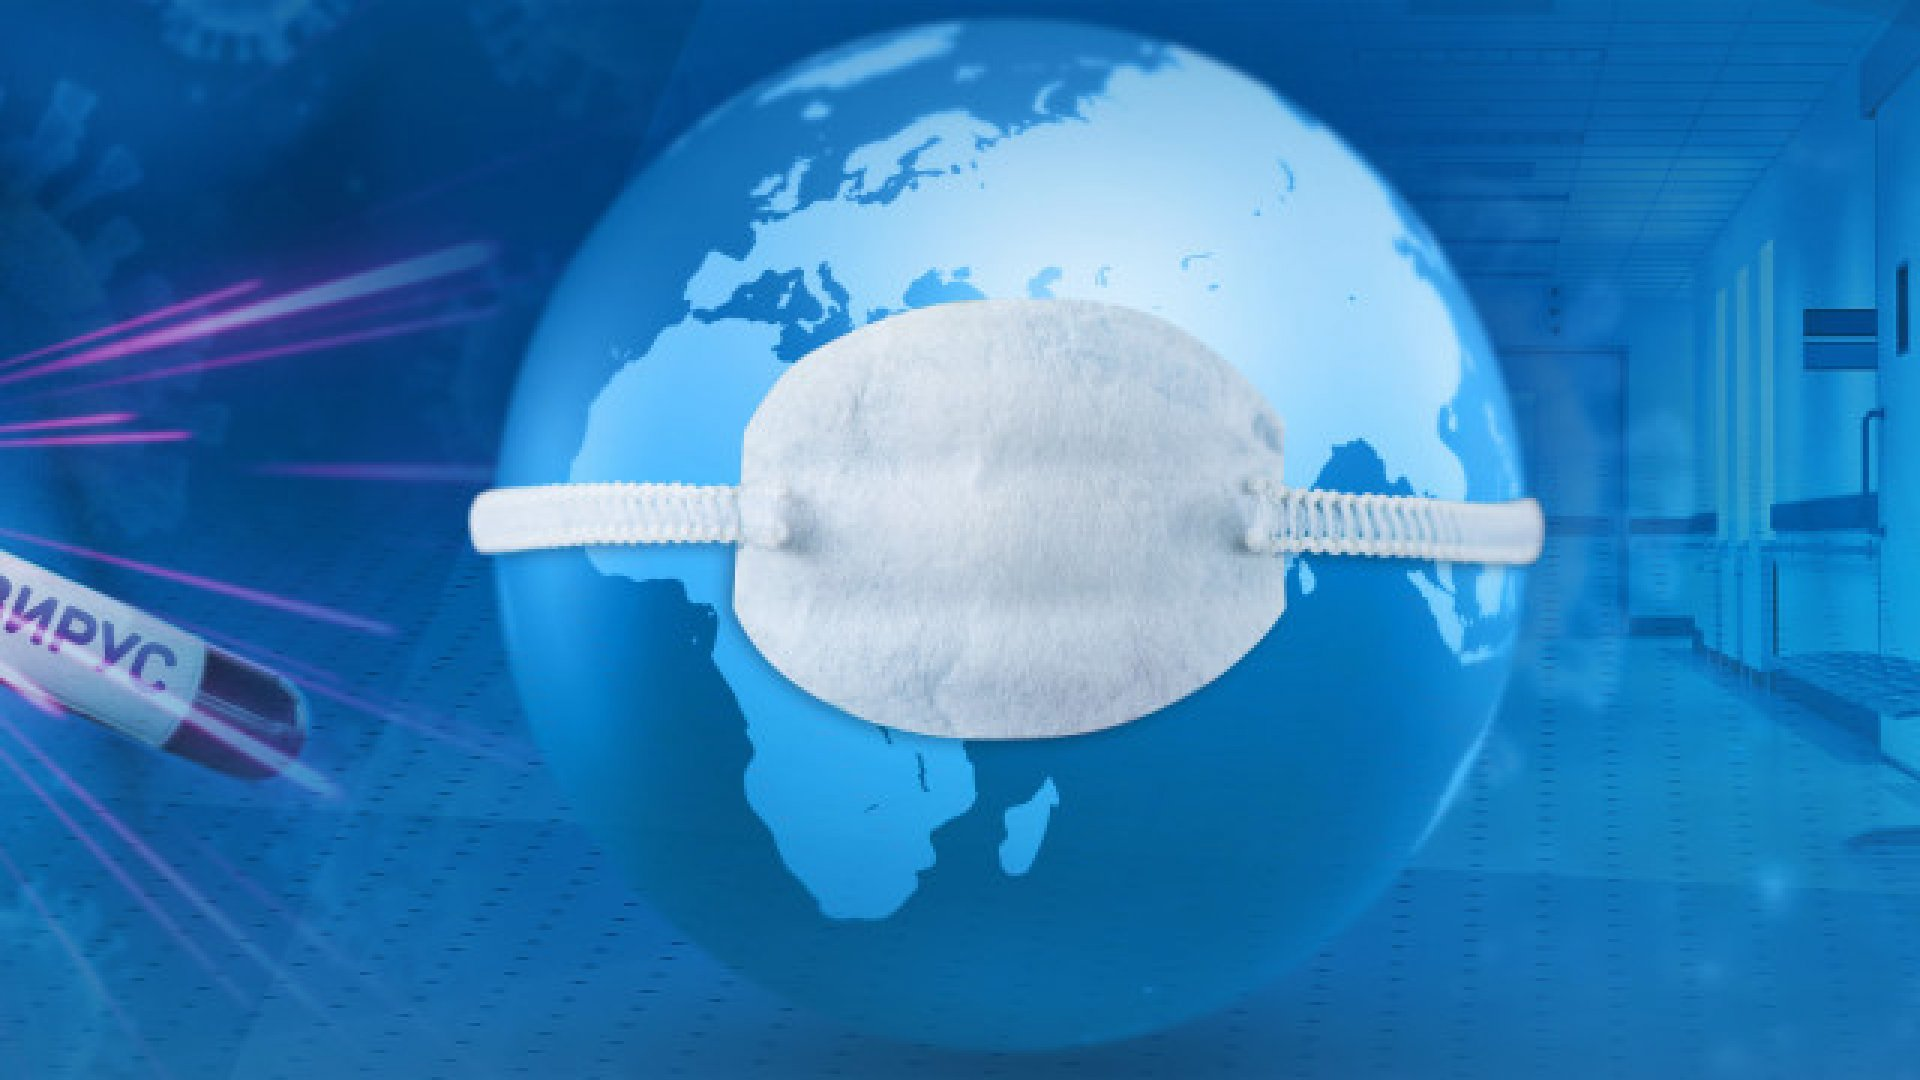 20 са регистрираните случаи на заболели с корона вирус в Бургаско. Снимката е илюстративна